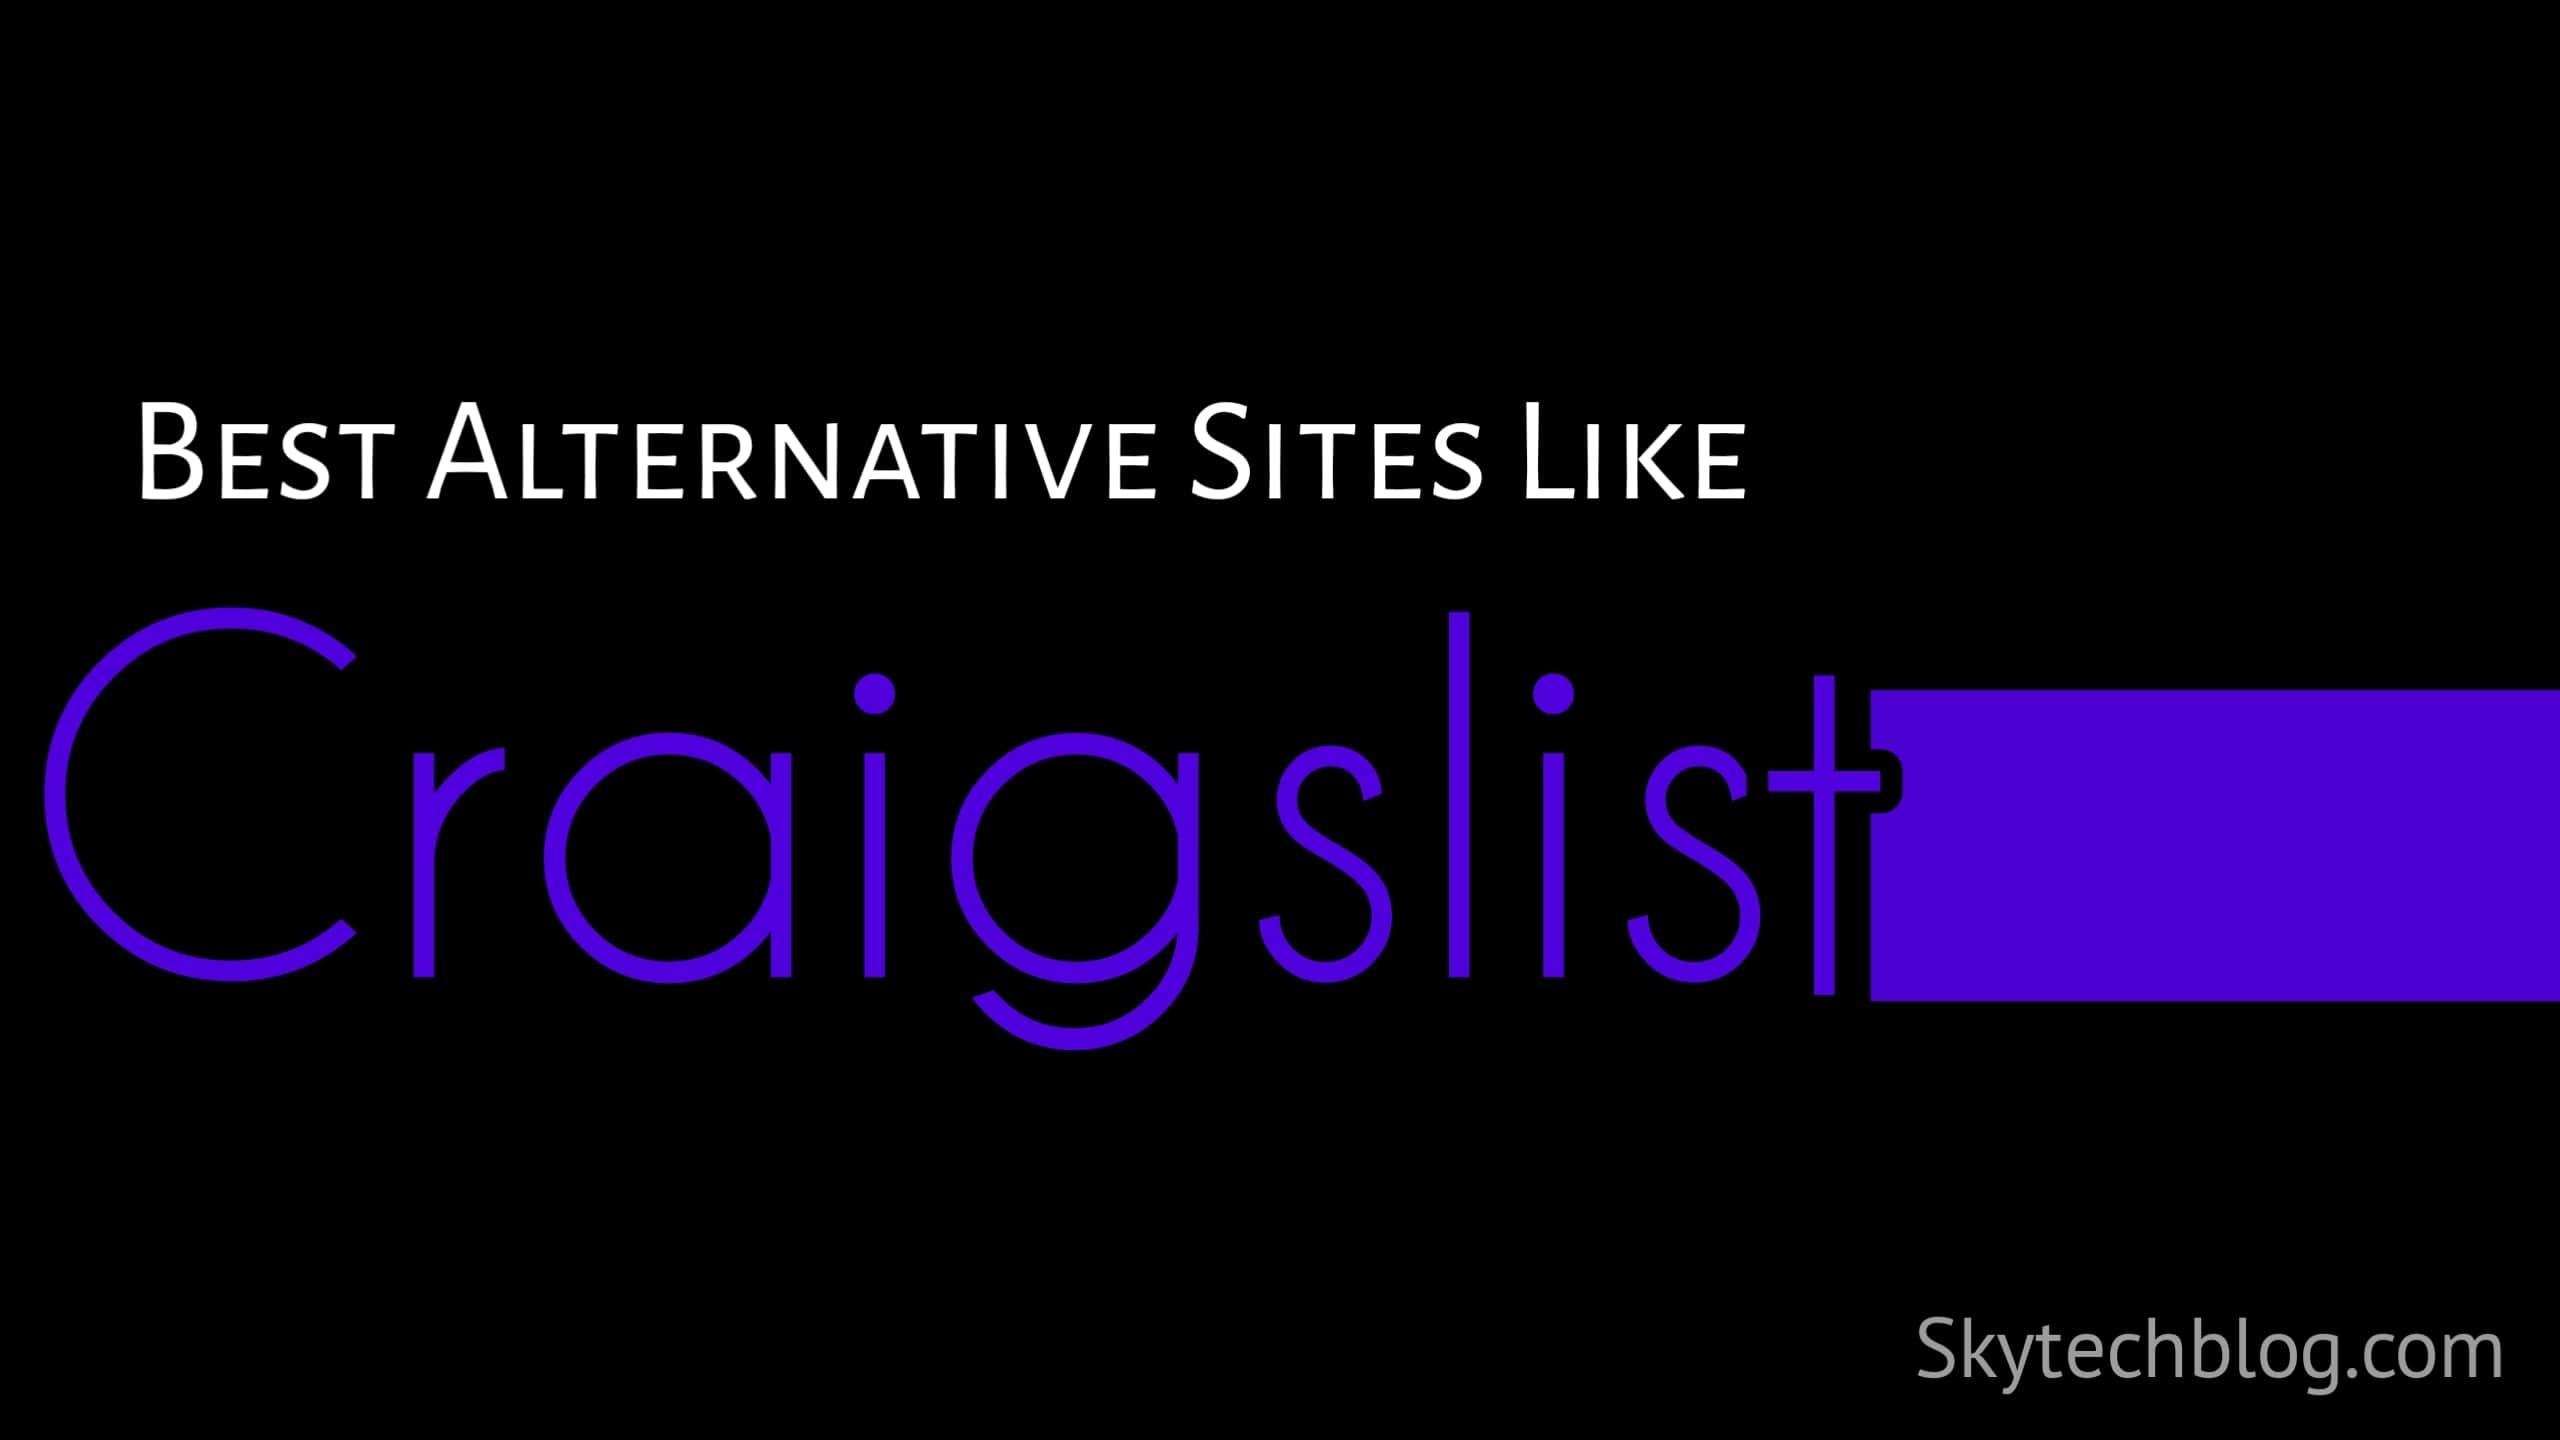 Site Like Craigslist